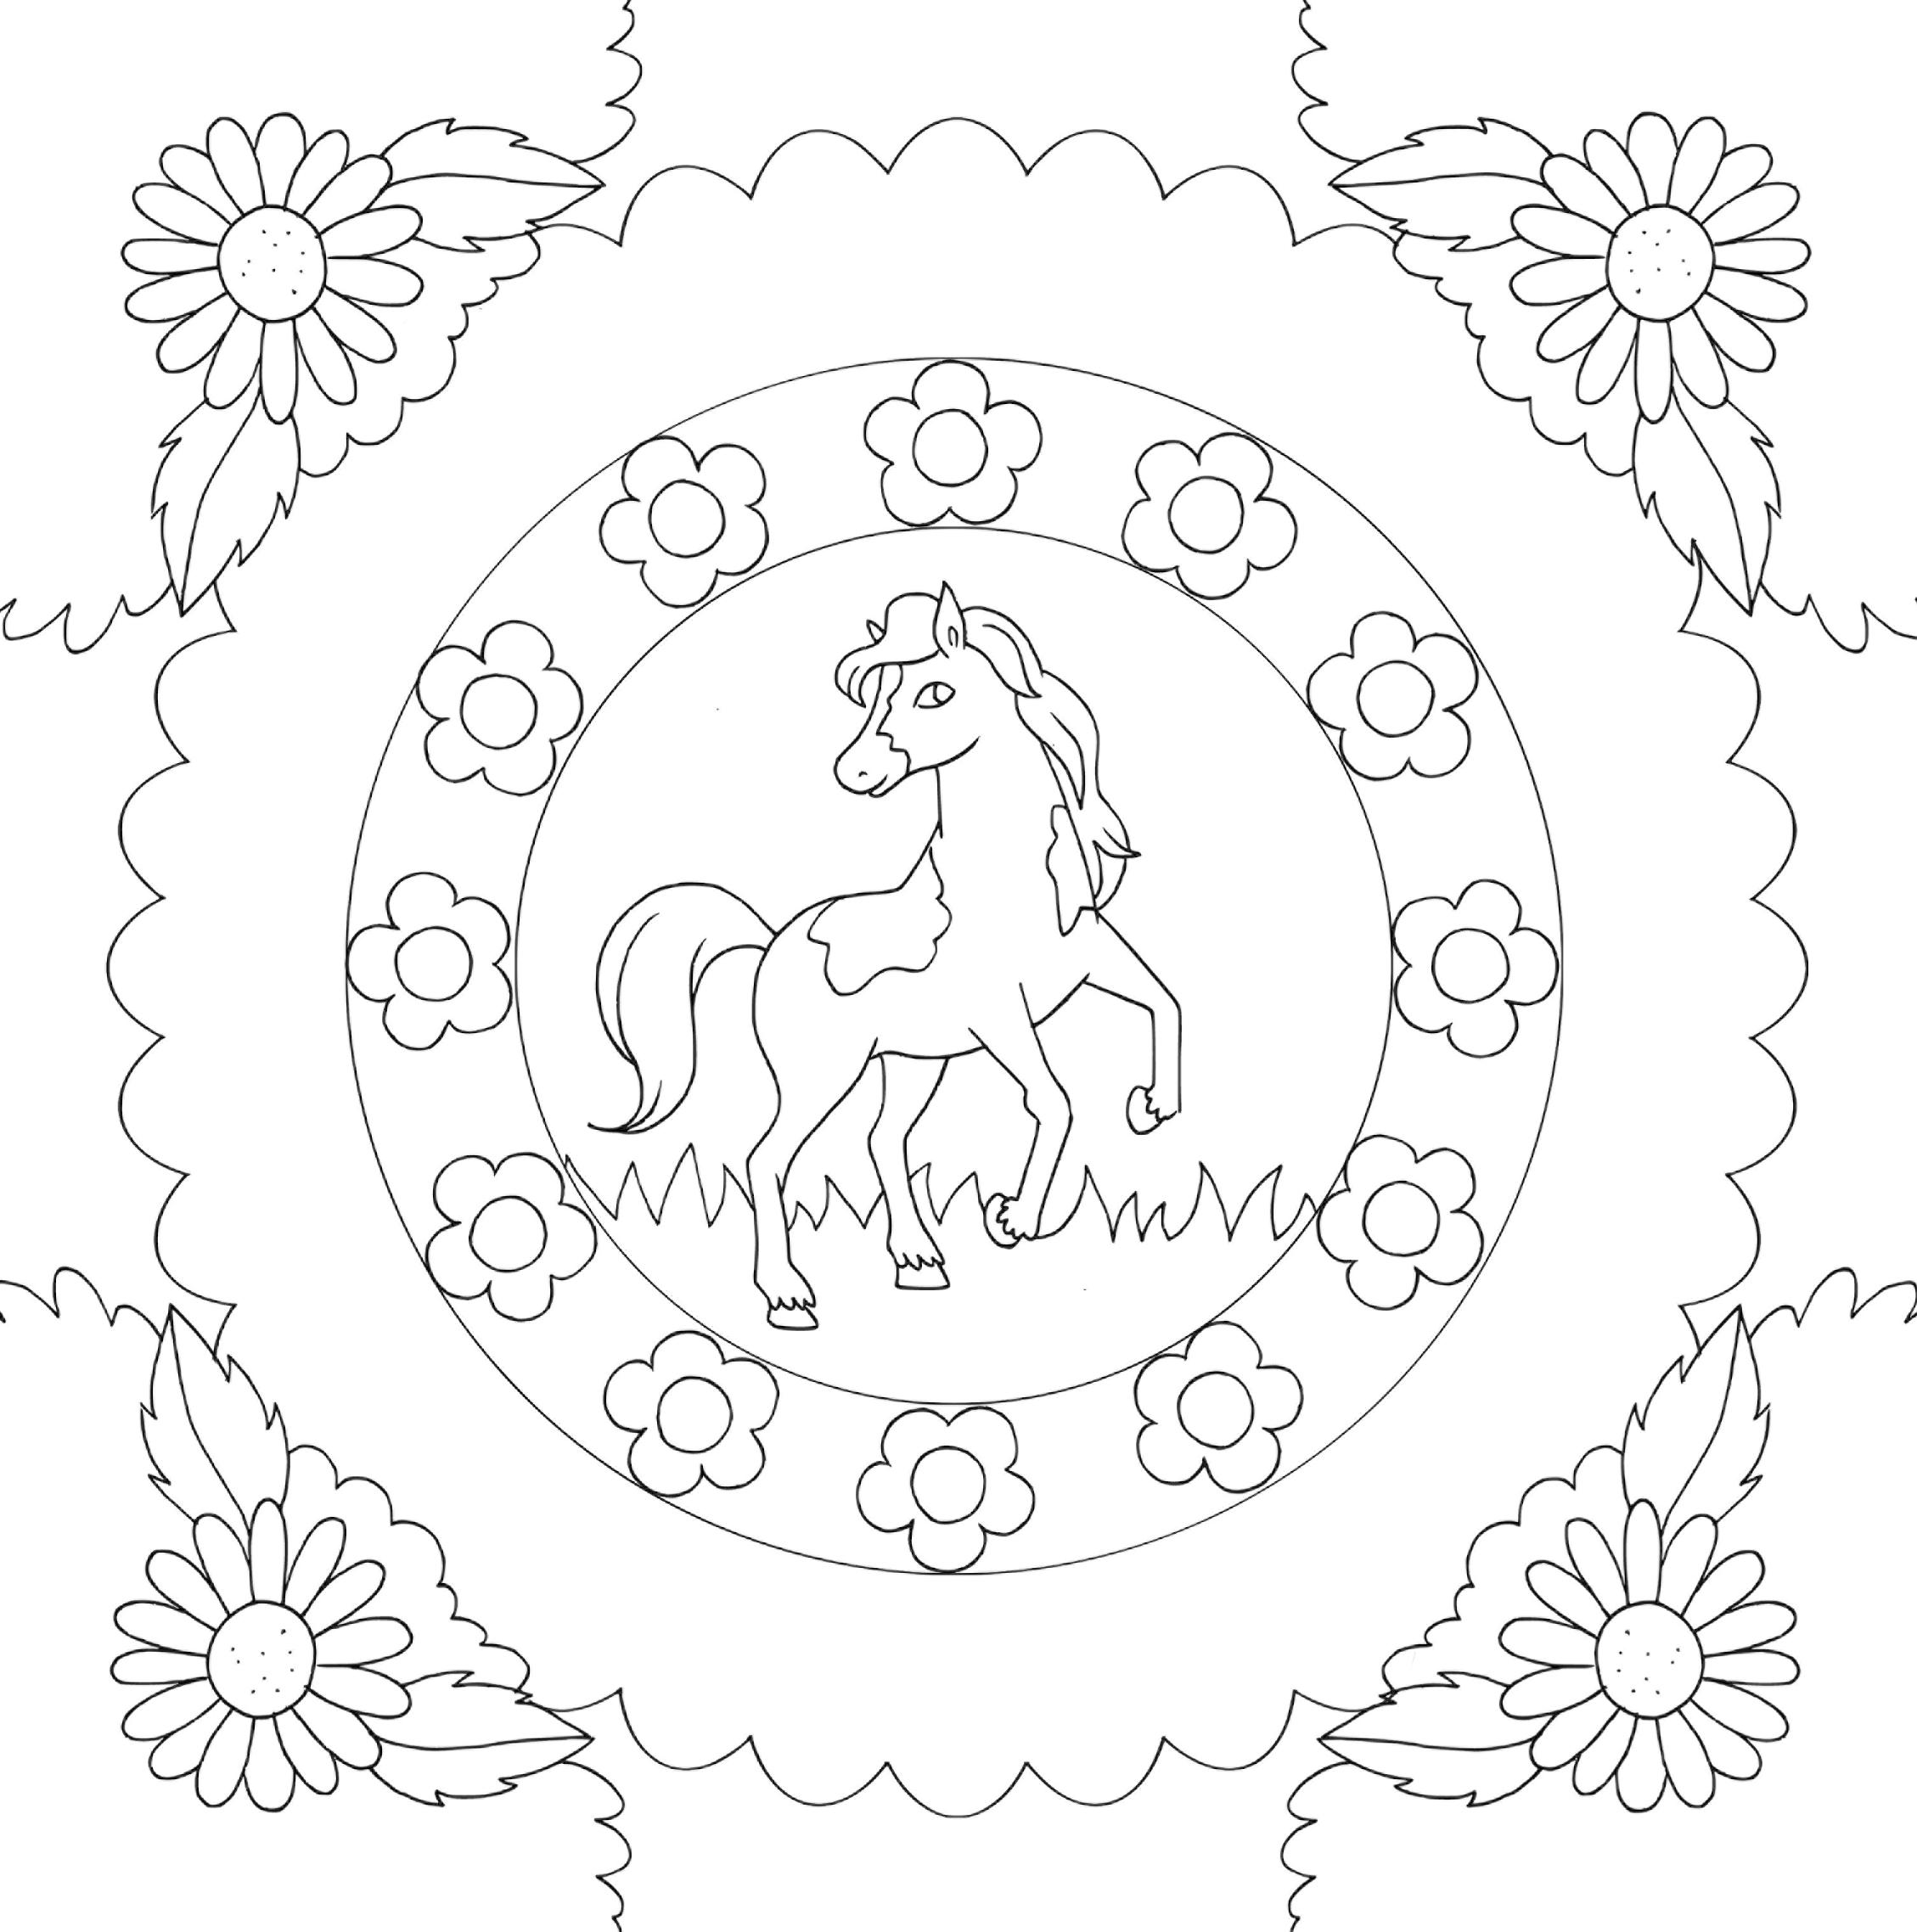 Meine schönsten Bilder: Pferde